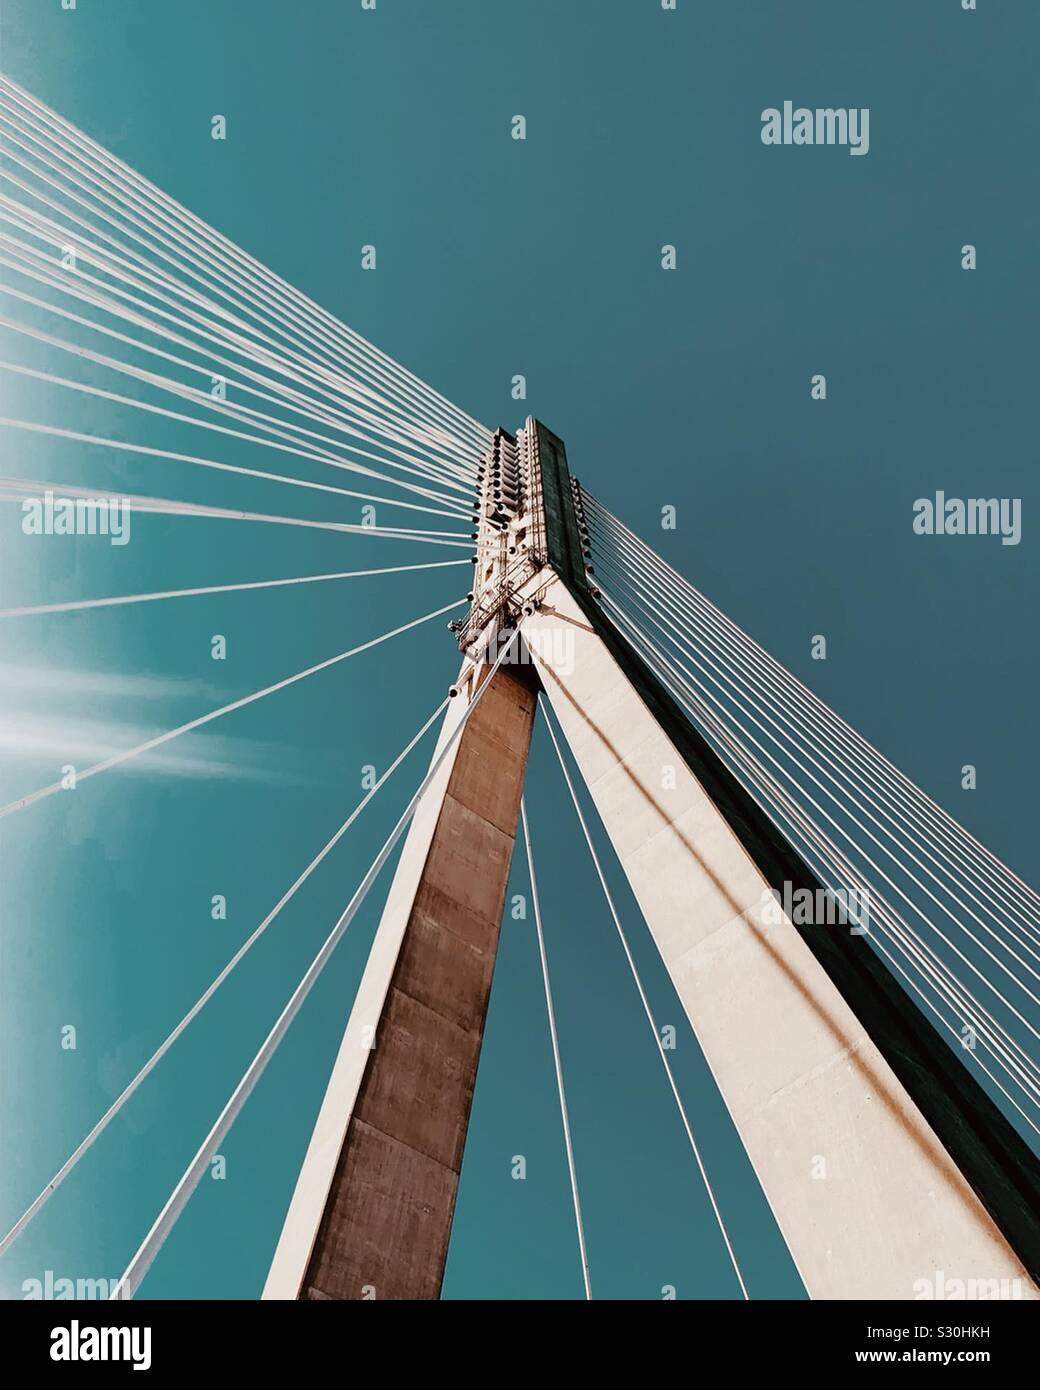 Sospensione moderno ponte sul fiume Vistola in Varsavia POLONIA Foto Stock